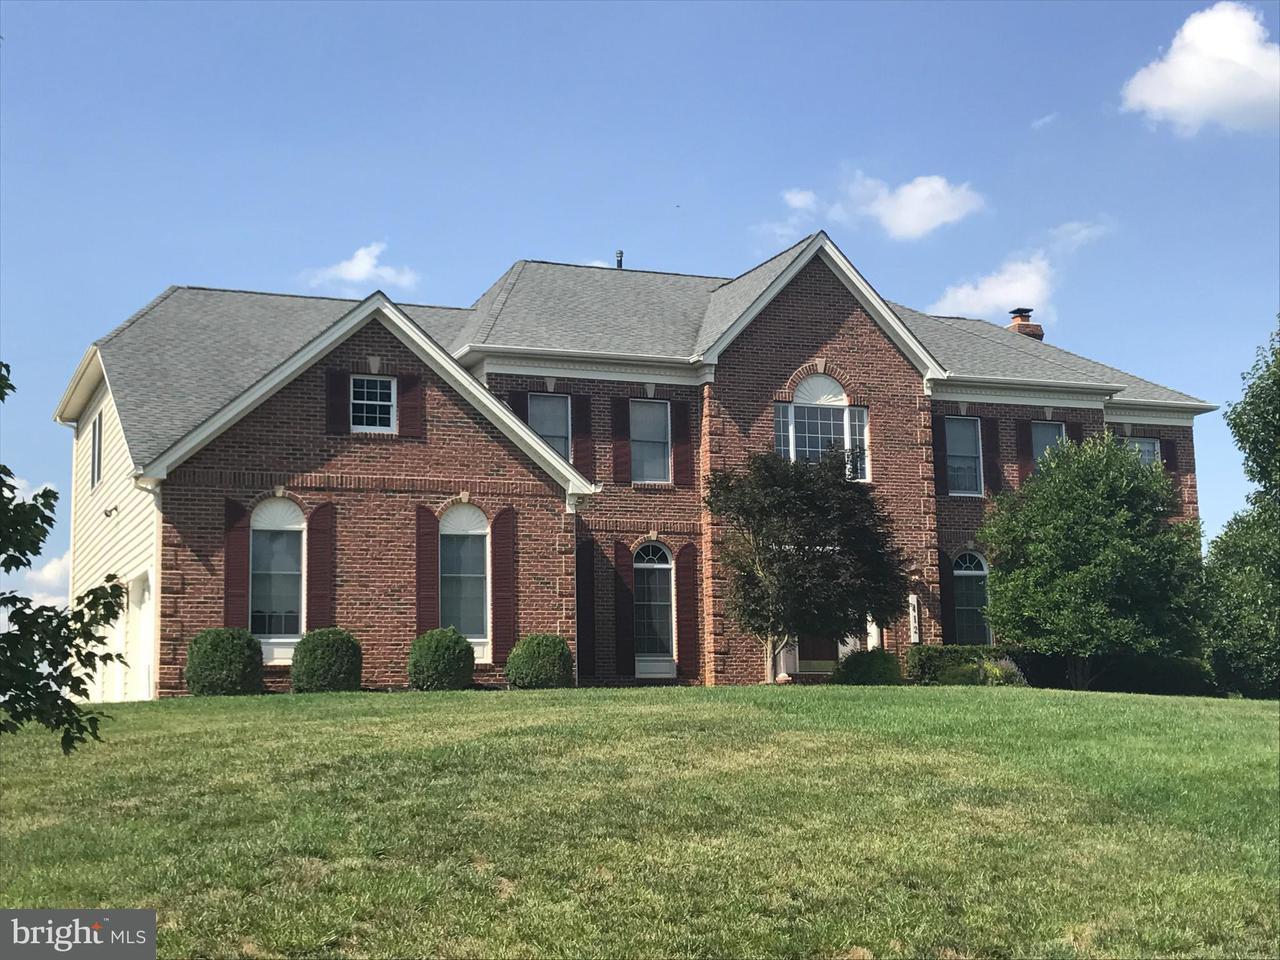 Μονοκατοικία για την Πώληση στο 412 BUEDEL Court 412 BUEDEL Court Sparks, Μεριλαντ 21152 Ηνωμενεσ Πολιτειεσ